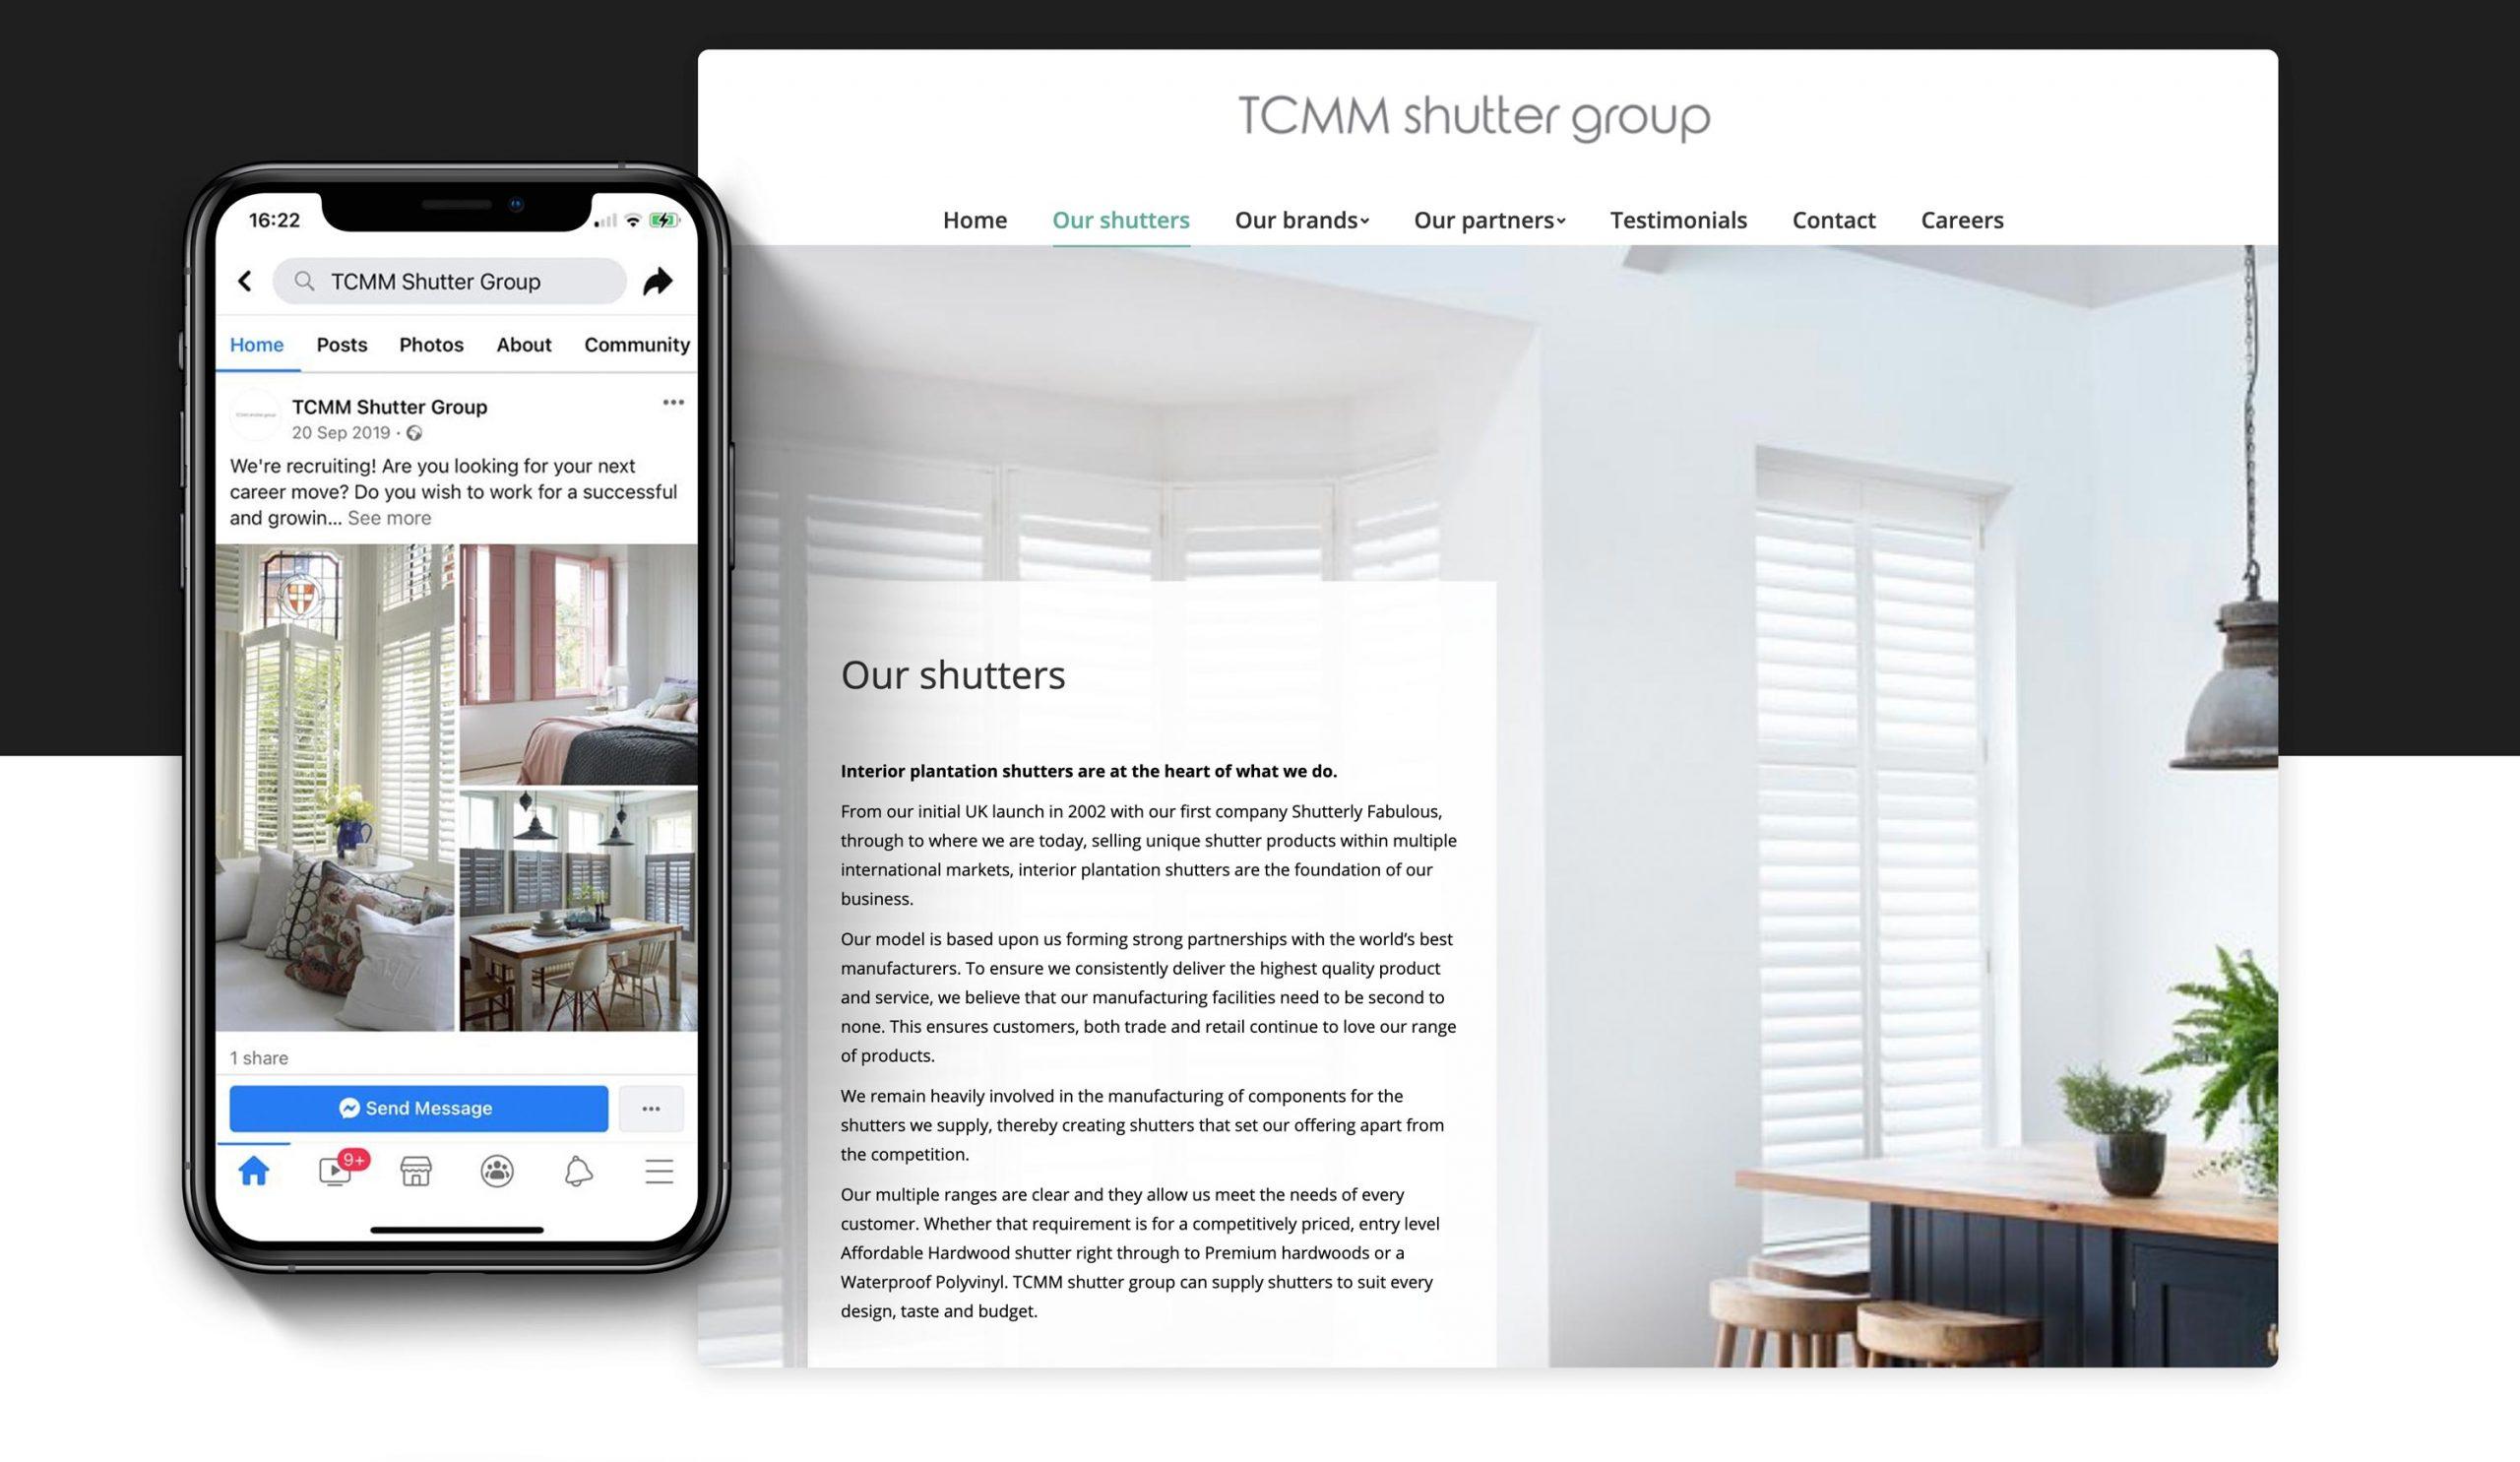 TCMM Shutter Group